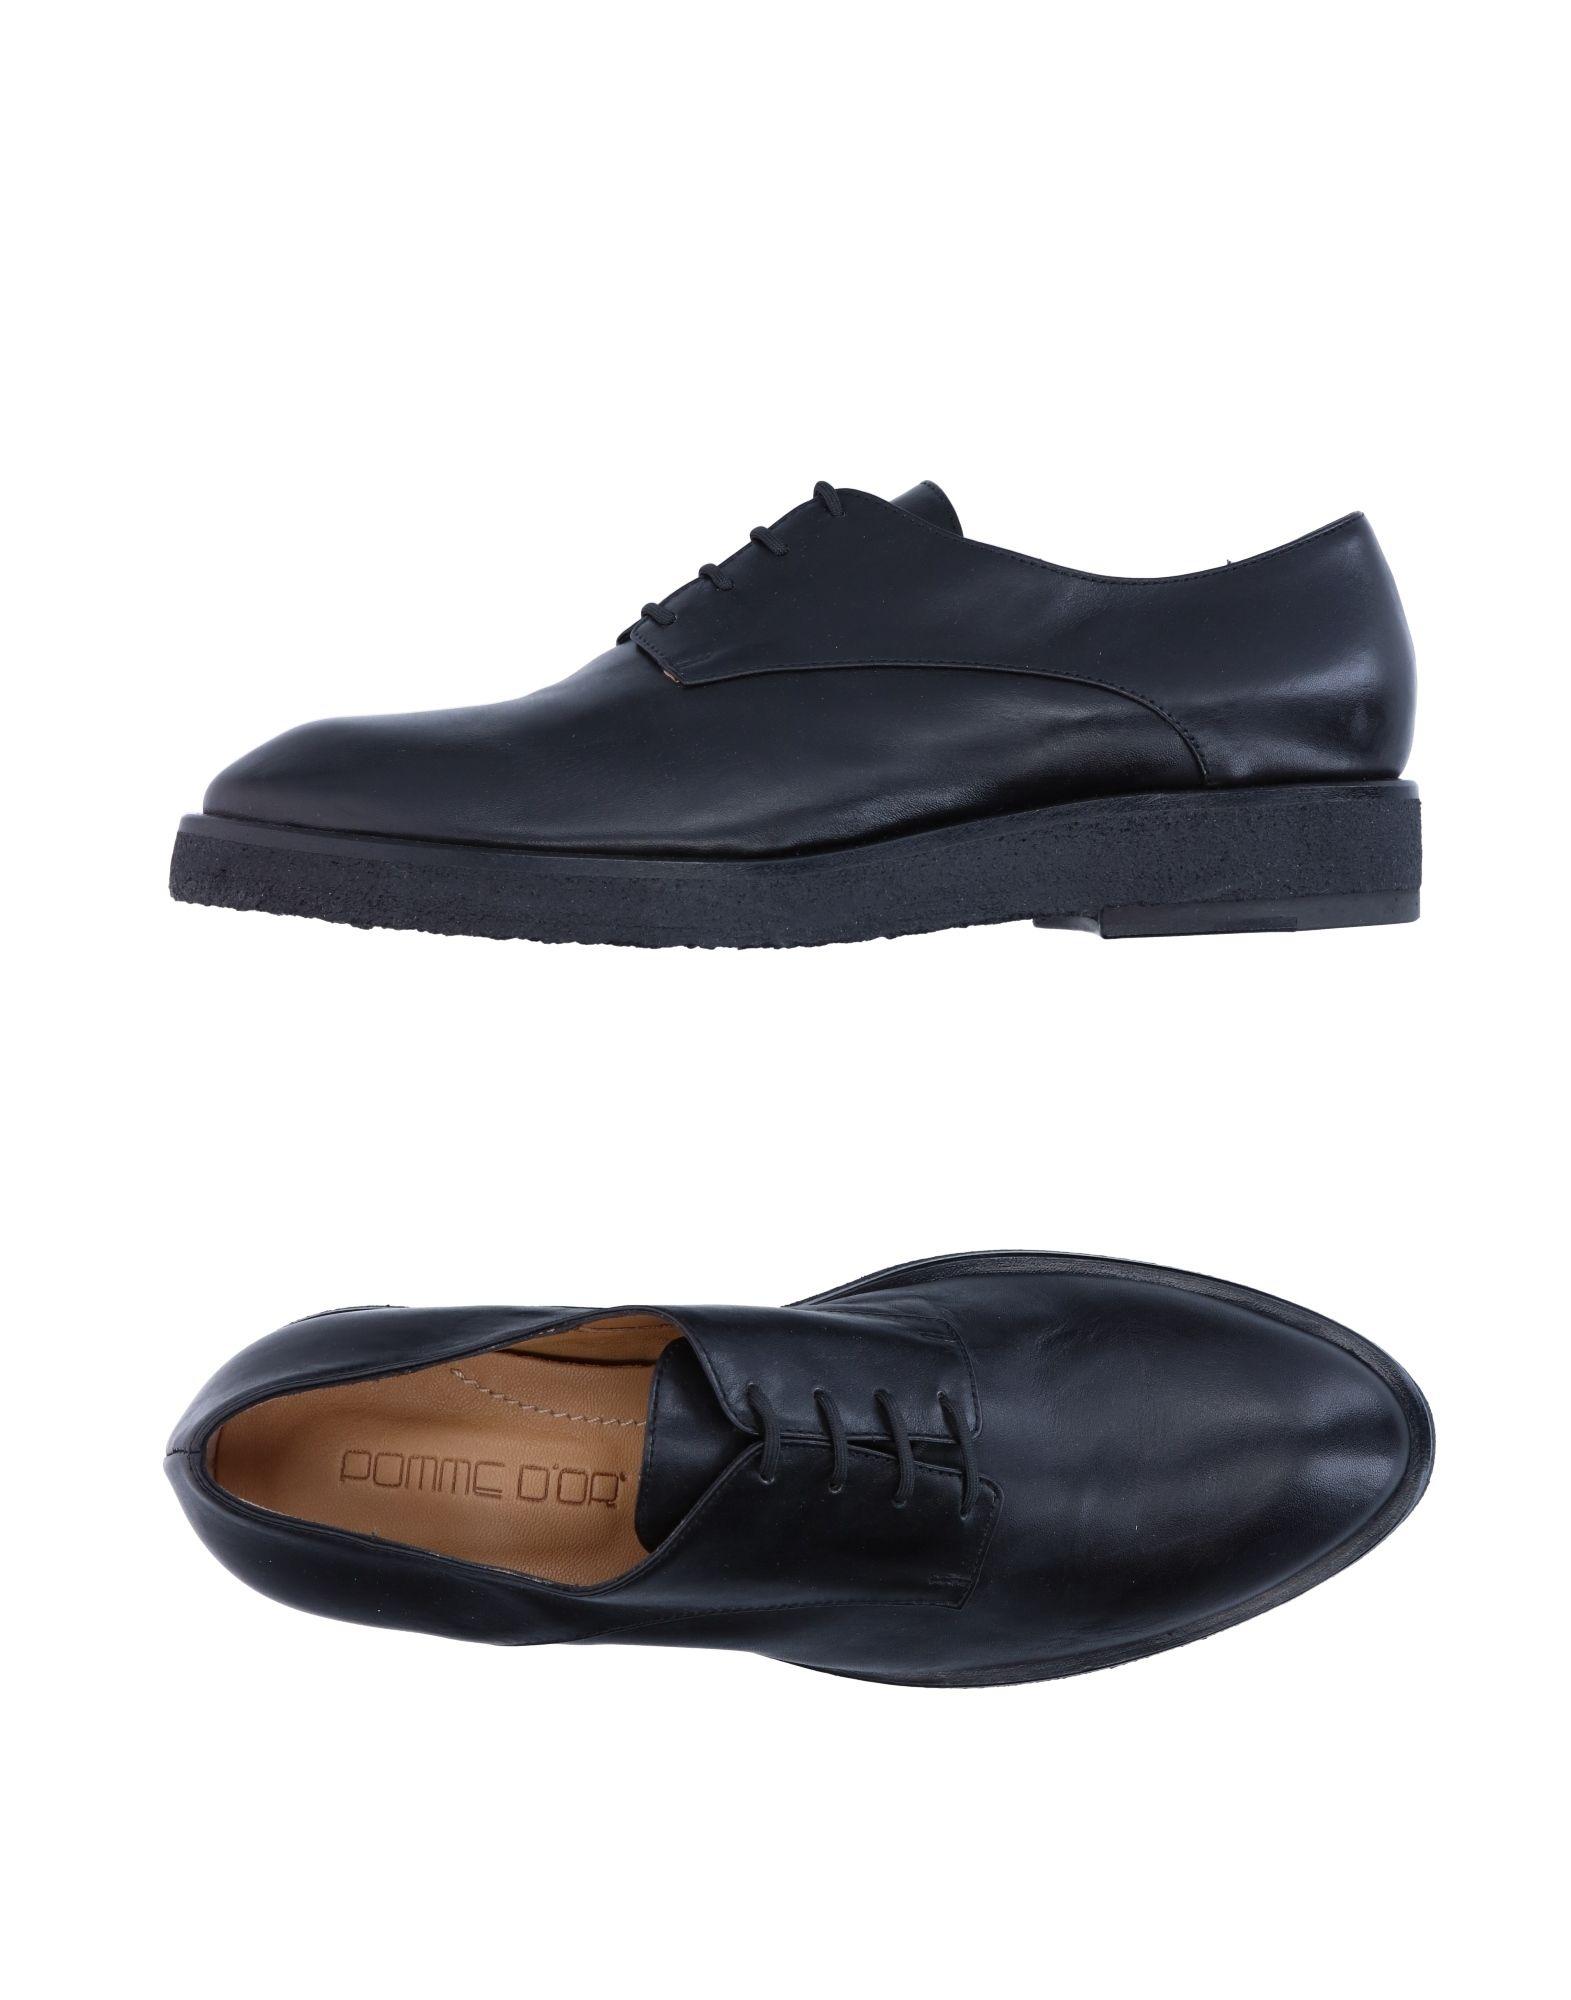 Pomme D'or Schnürschuhe Damen  11274367GJGut aussehende strapazierfähige Schuhe